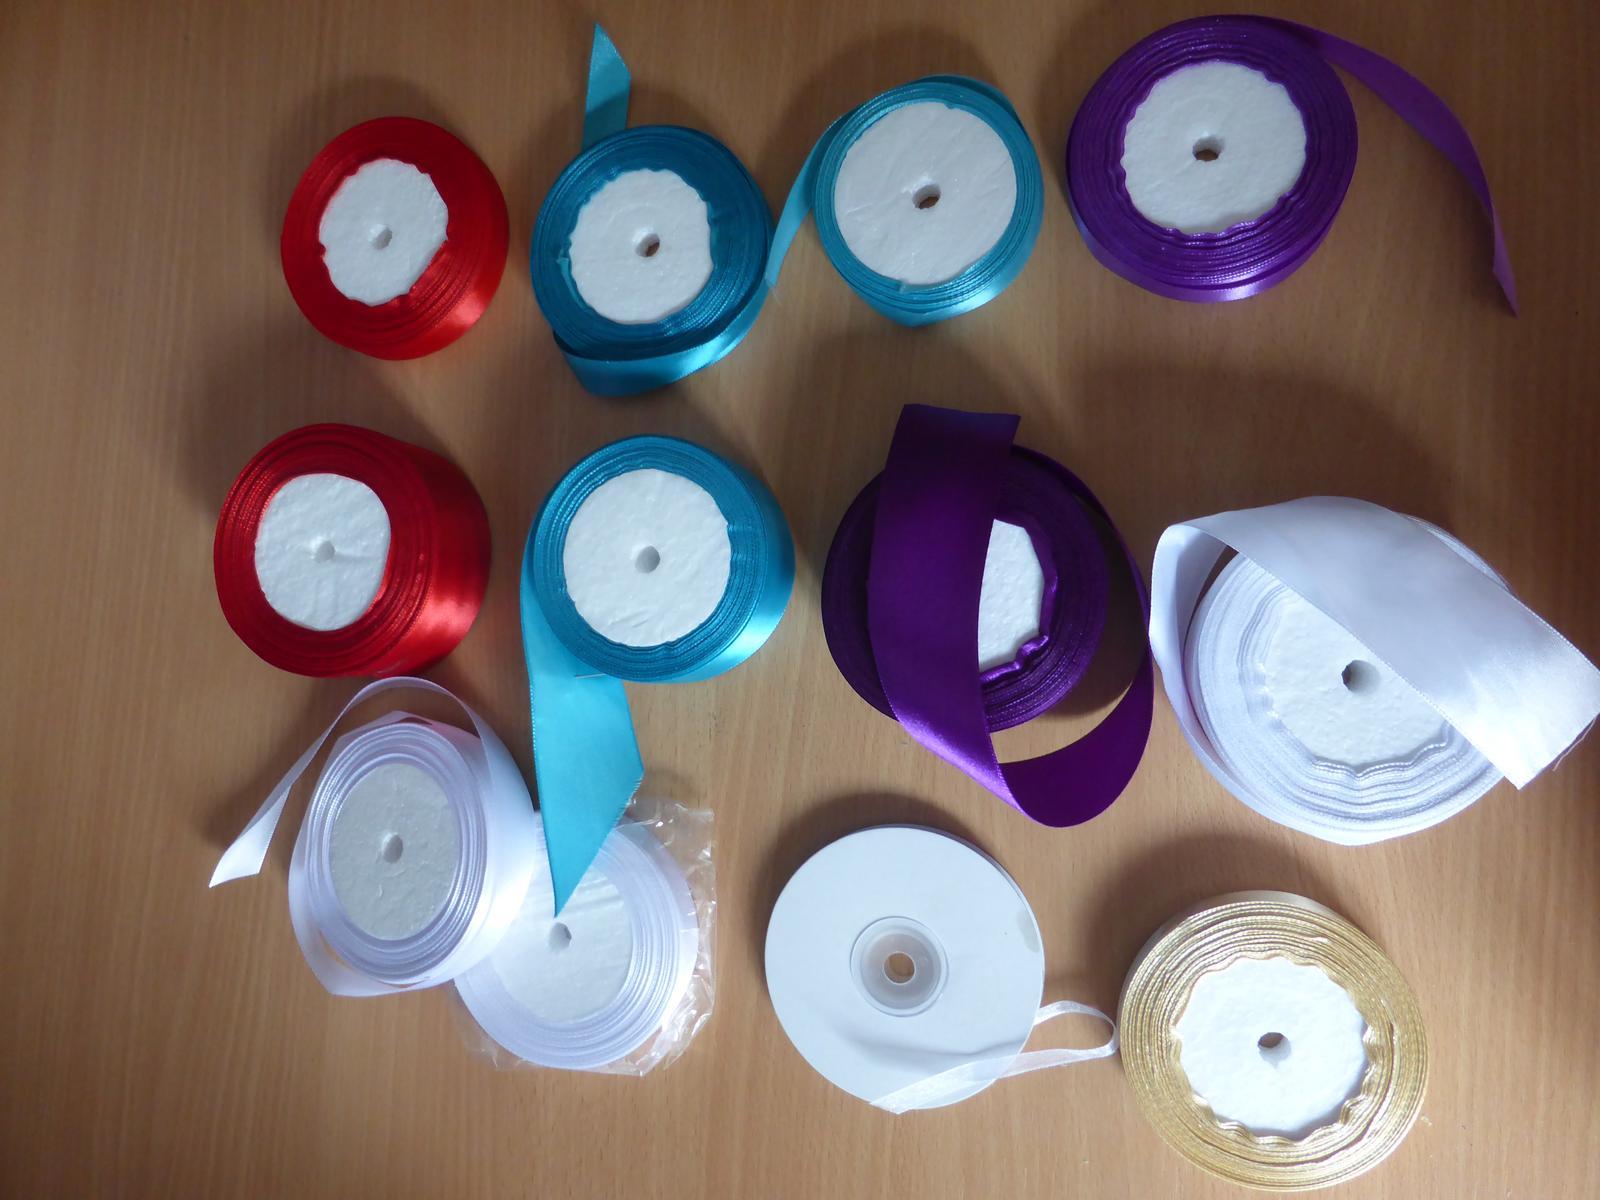 Stuhy - různé barvy - Obrázek č. 1